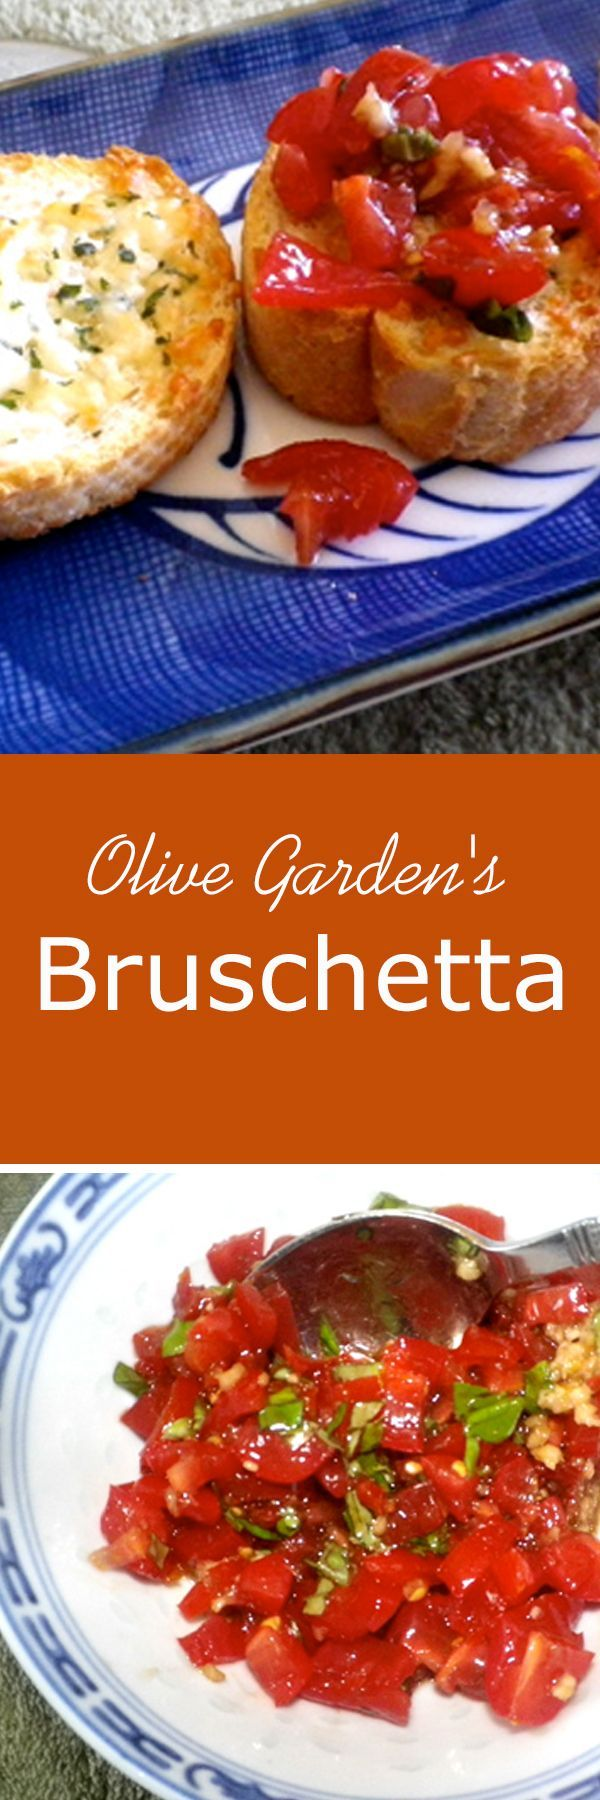 this wonderful olive gardens bruschetta recipe is sure worth a try delicious - Olive Garden Bruschetta Recipe